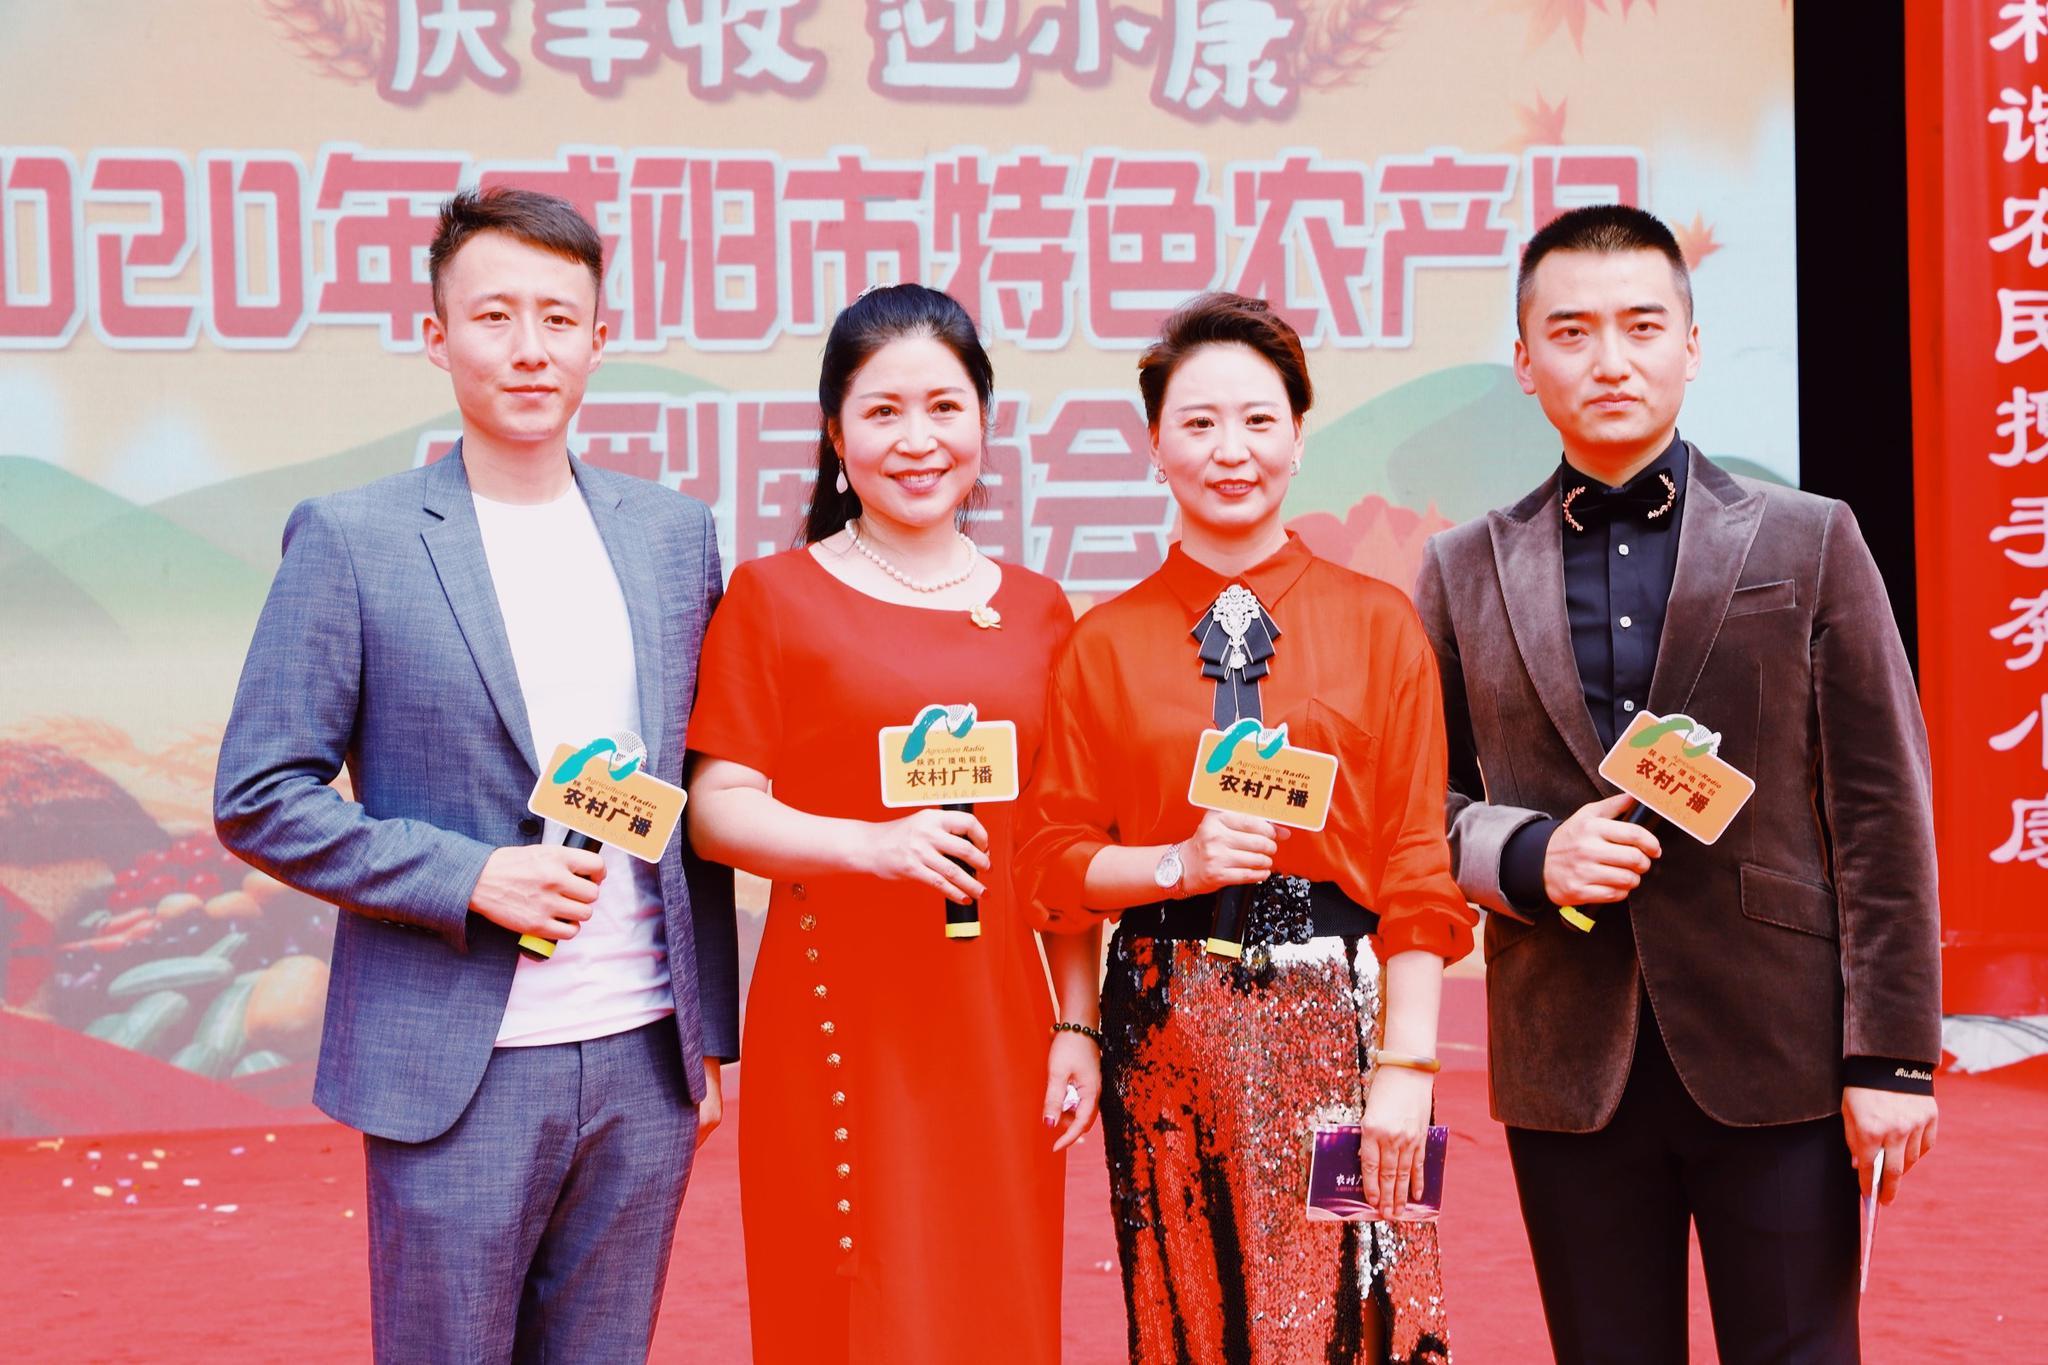 9月19日上午,中国乡村之声联合陕西广电融媒体集团(台)农村广播